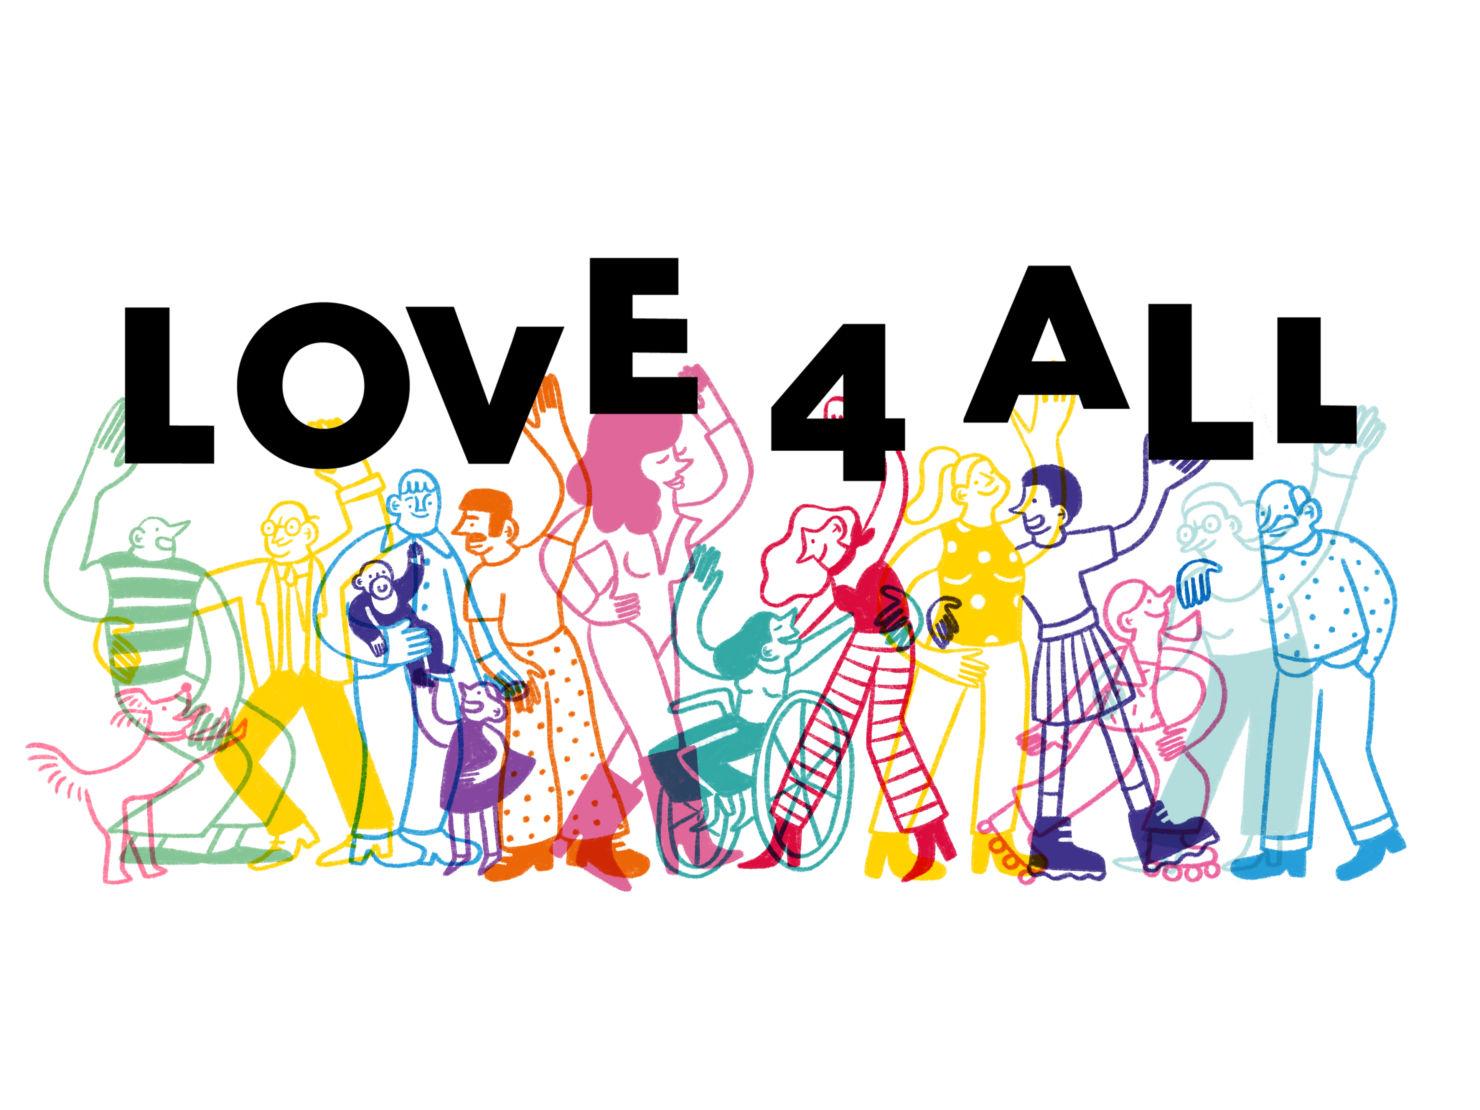 ¡Love 4 All celebrará su 3ra edición en línea! Encuentra aquí todos los detalles